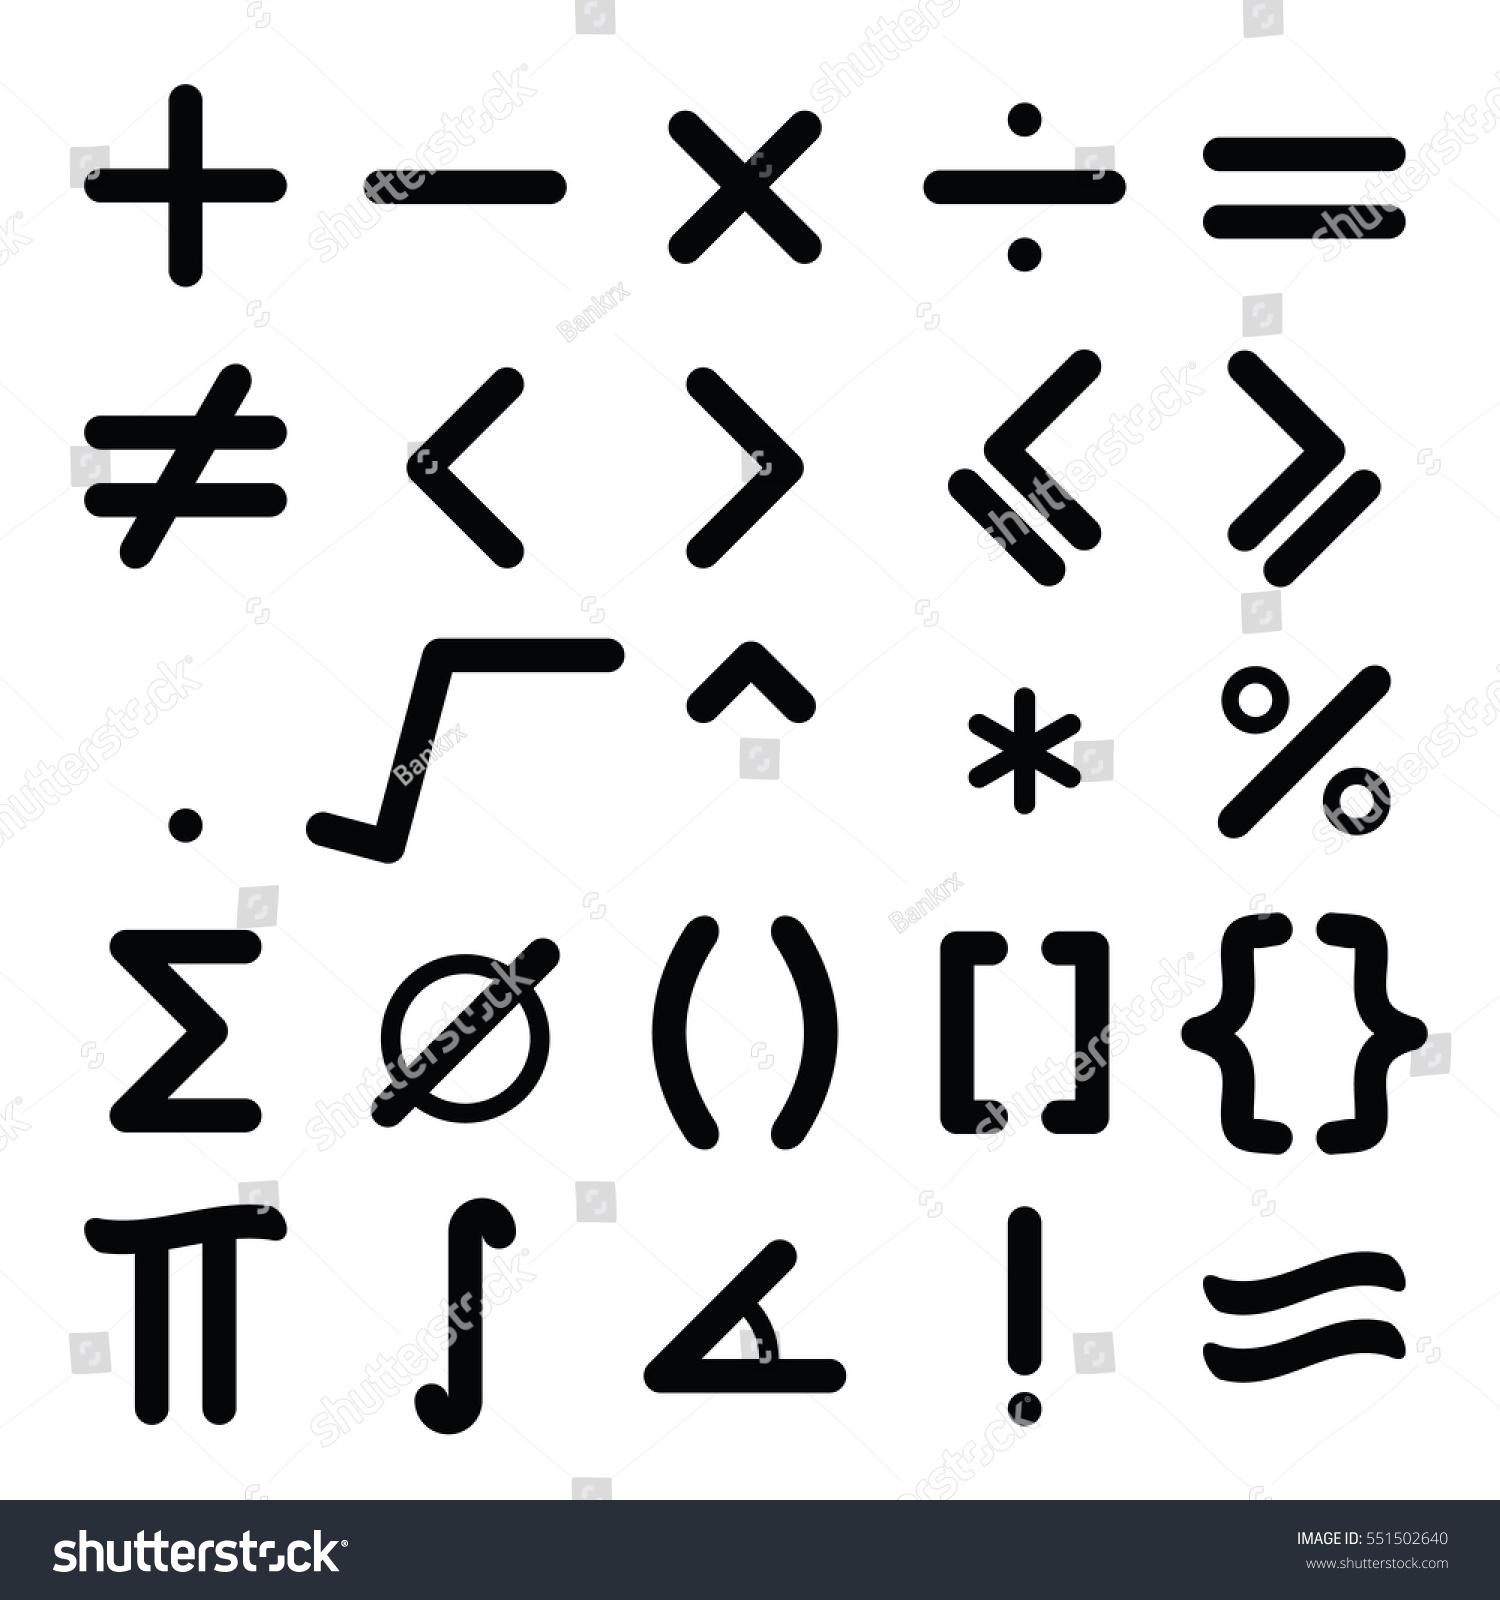 Black mathematical symbol icon set on stock vector 551502640 black mathematical symbol icon set on white background buycottarizona